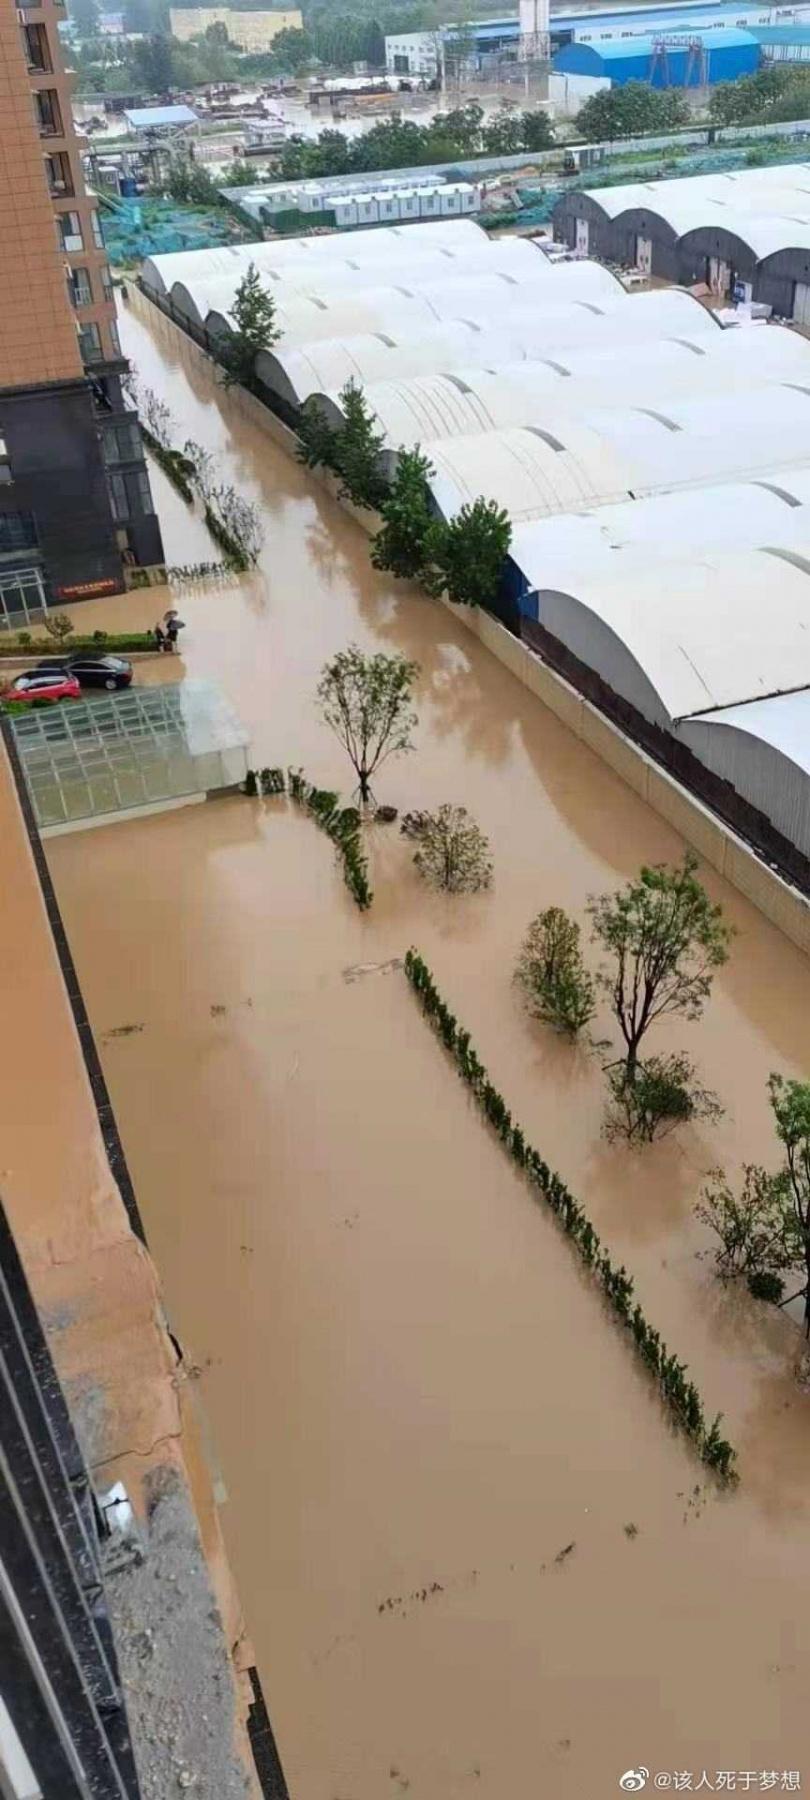 洪水造成至少12人死亡。(圖/翻攝自微博)